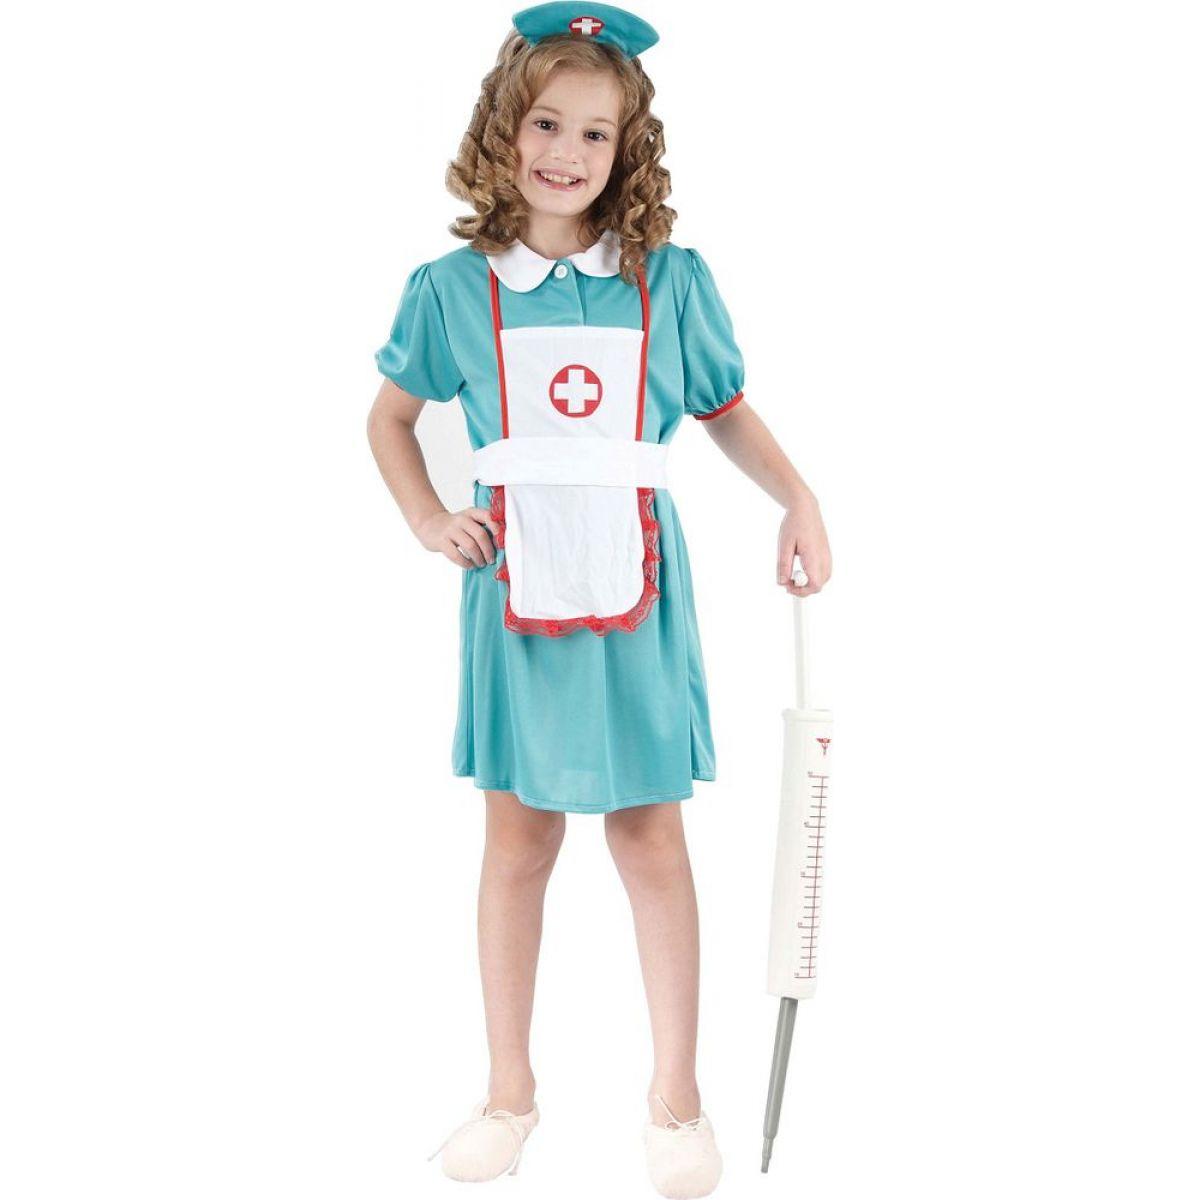 Made Dětský kostým Sestřička 110-120cm